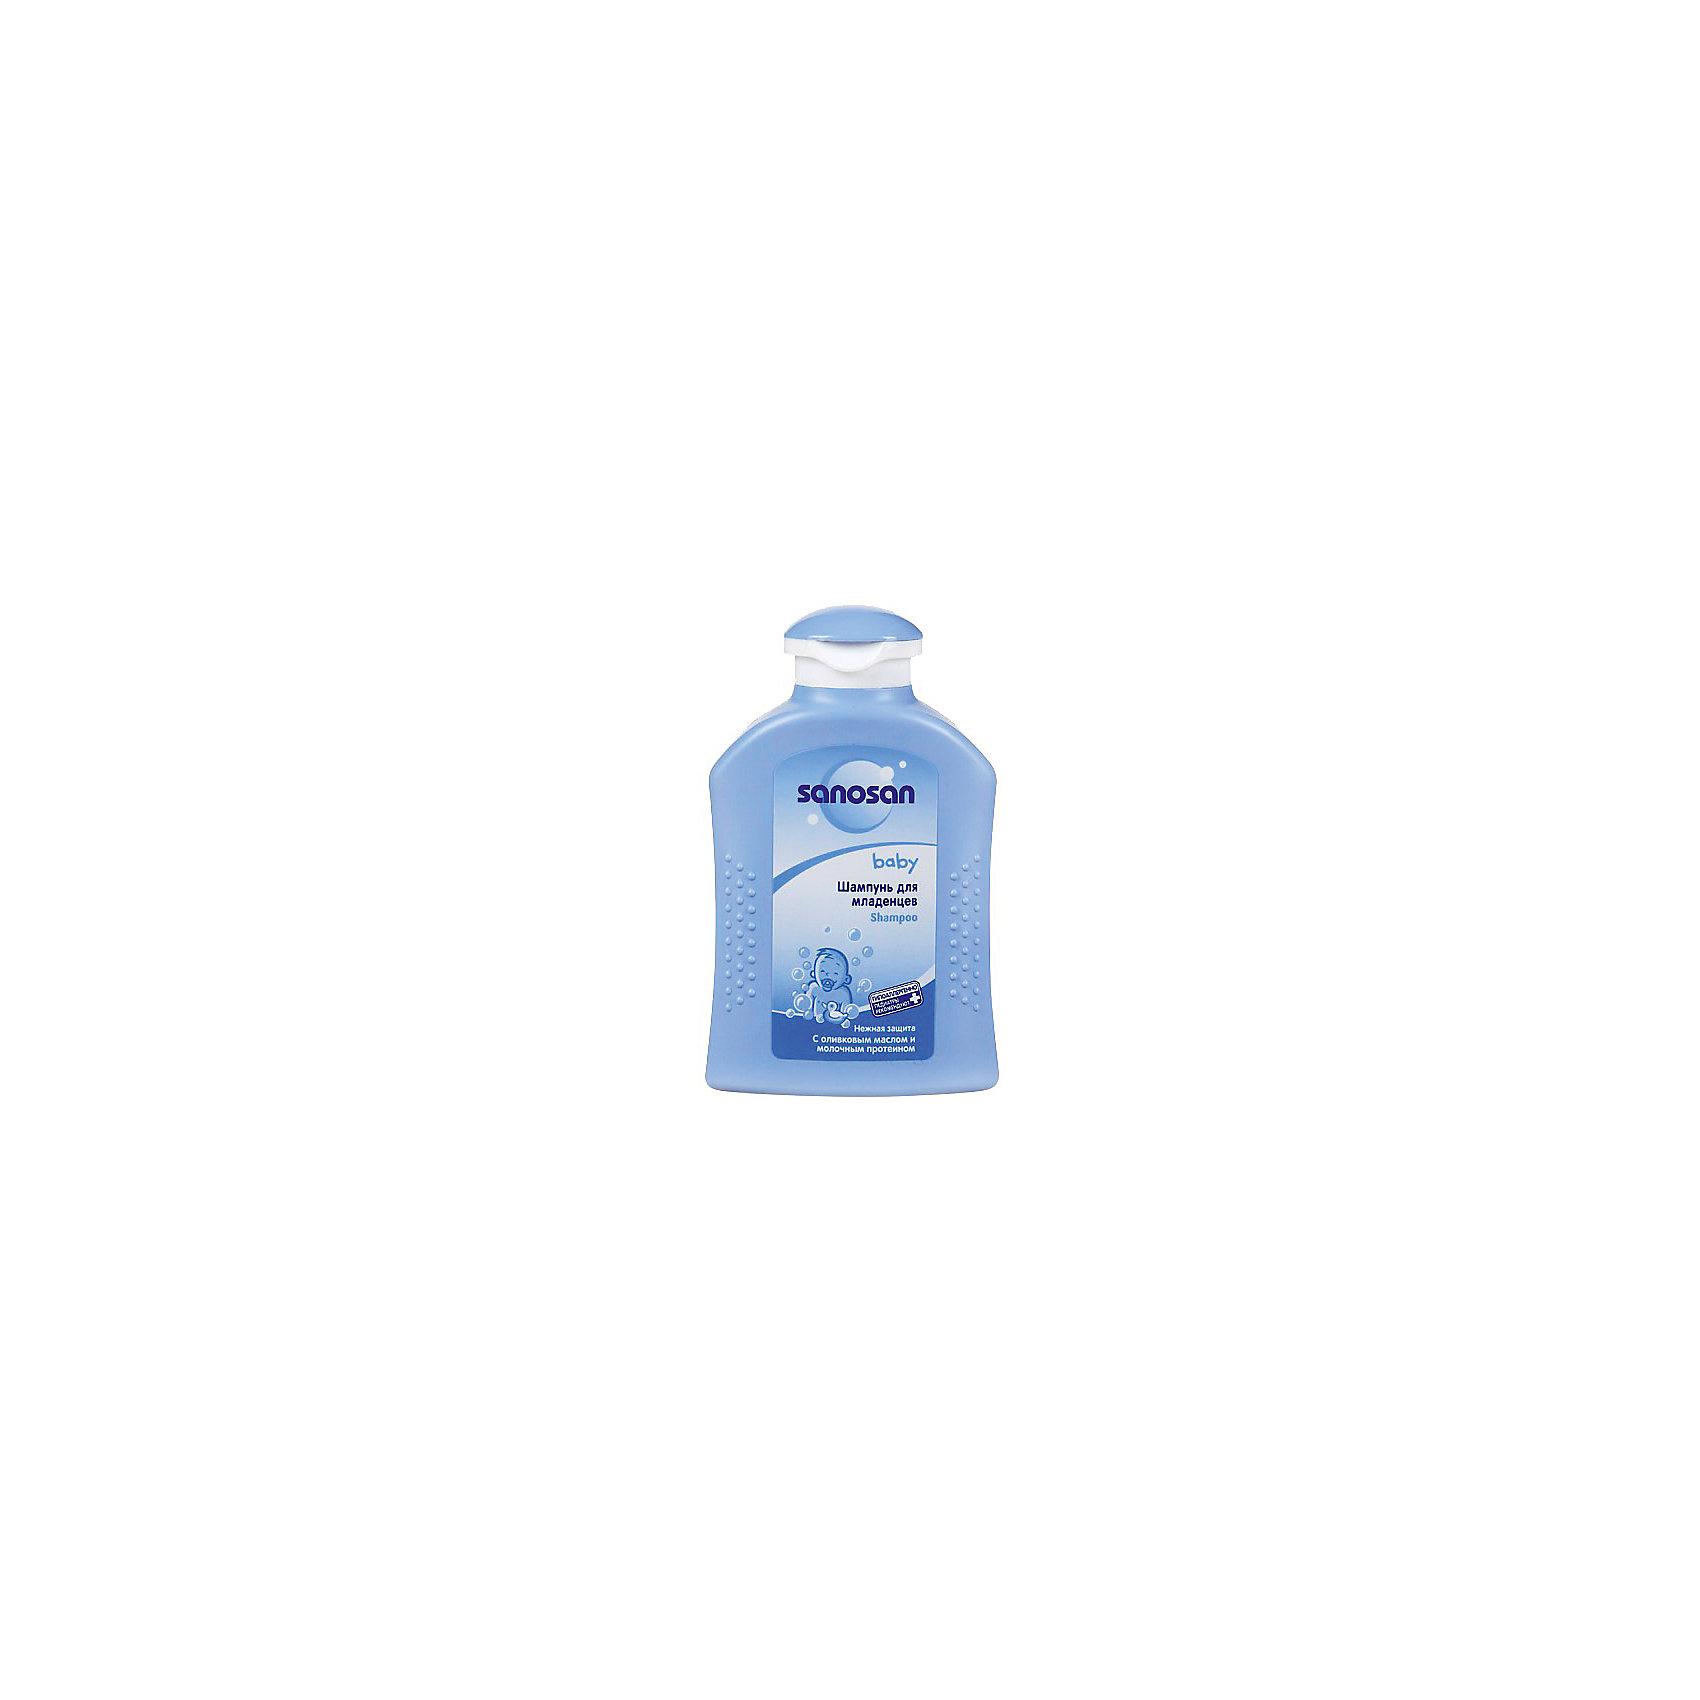 Шампунь для младенцев, Sanosan, 200 млКупание малыша<br>sanosan baby Шампунь для младенцев<br>Специально разработан с учетом особенностей структуры детских волос. С помощью особо мягких моющих компонентов растительного происхождения бережно и тщательно очищает тонкие волосы малыша, придавая им блеск и шелковистость. Питательные добавки, такие как оливковое масло и молочный протеин, смягчают и предохраняют кожу головы от пересушивания. Не раздражает глазки. Может применяться с первых дней жизни. Подходит детям с сухой и очень чувствительной кожей.<br>Важно: шампунь для младенцев sanosan не содержит анестезирующих компонентов, подавляющих защитную функцию глаза.<br>Способ применения: используйте для очищения кожи головы и волос малыша, предварительно вспенив. После купания ополосните голову малыша теплой водой.<br>Ингредиенты:<br>AQUA, SODIUM COCOAMPHOACETATE, COCAMIDOPROPYL BETAINE, SODIUM CHLORIDE, PEG-7 GLYCERYL COCOATE, PARFUM, CITRIC ACID, SODIUM BENZOATE, ALLANTOIN, POTASSIUM SORBATE, HYDROXYPROPYL GUAR HYDROXYPROPYLTRIMONIUM CHLORIDE, HYDROLYZED MILK PROTEIN, OLEA EUROPAEA (OLIVE) LEAF EXTRACT.<br><br>Ширина мм: 143<br>Глубина мм: 500<br>Высота мм: 60<br>Вес г: 260<br>Возраст от месяцев: -2147483648<br>Возраст до месяцев: 2147483647<br>Пол: Унисекс<br>Возраст: Детский<br>SKU: 4729886